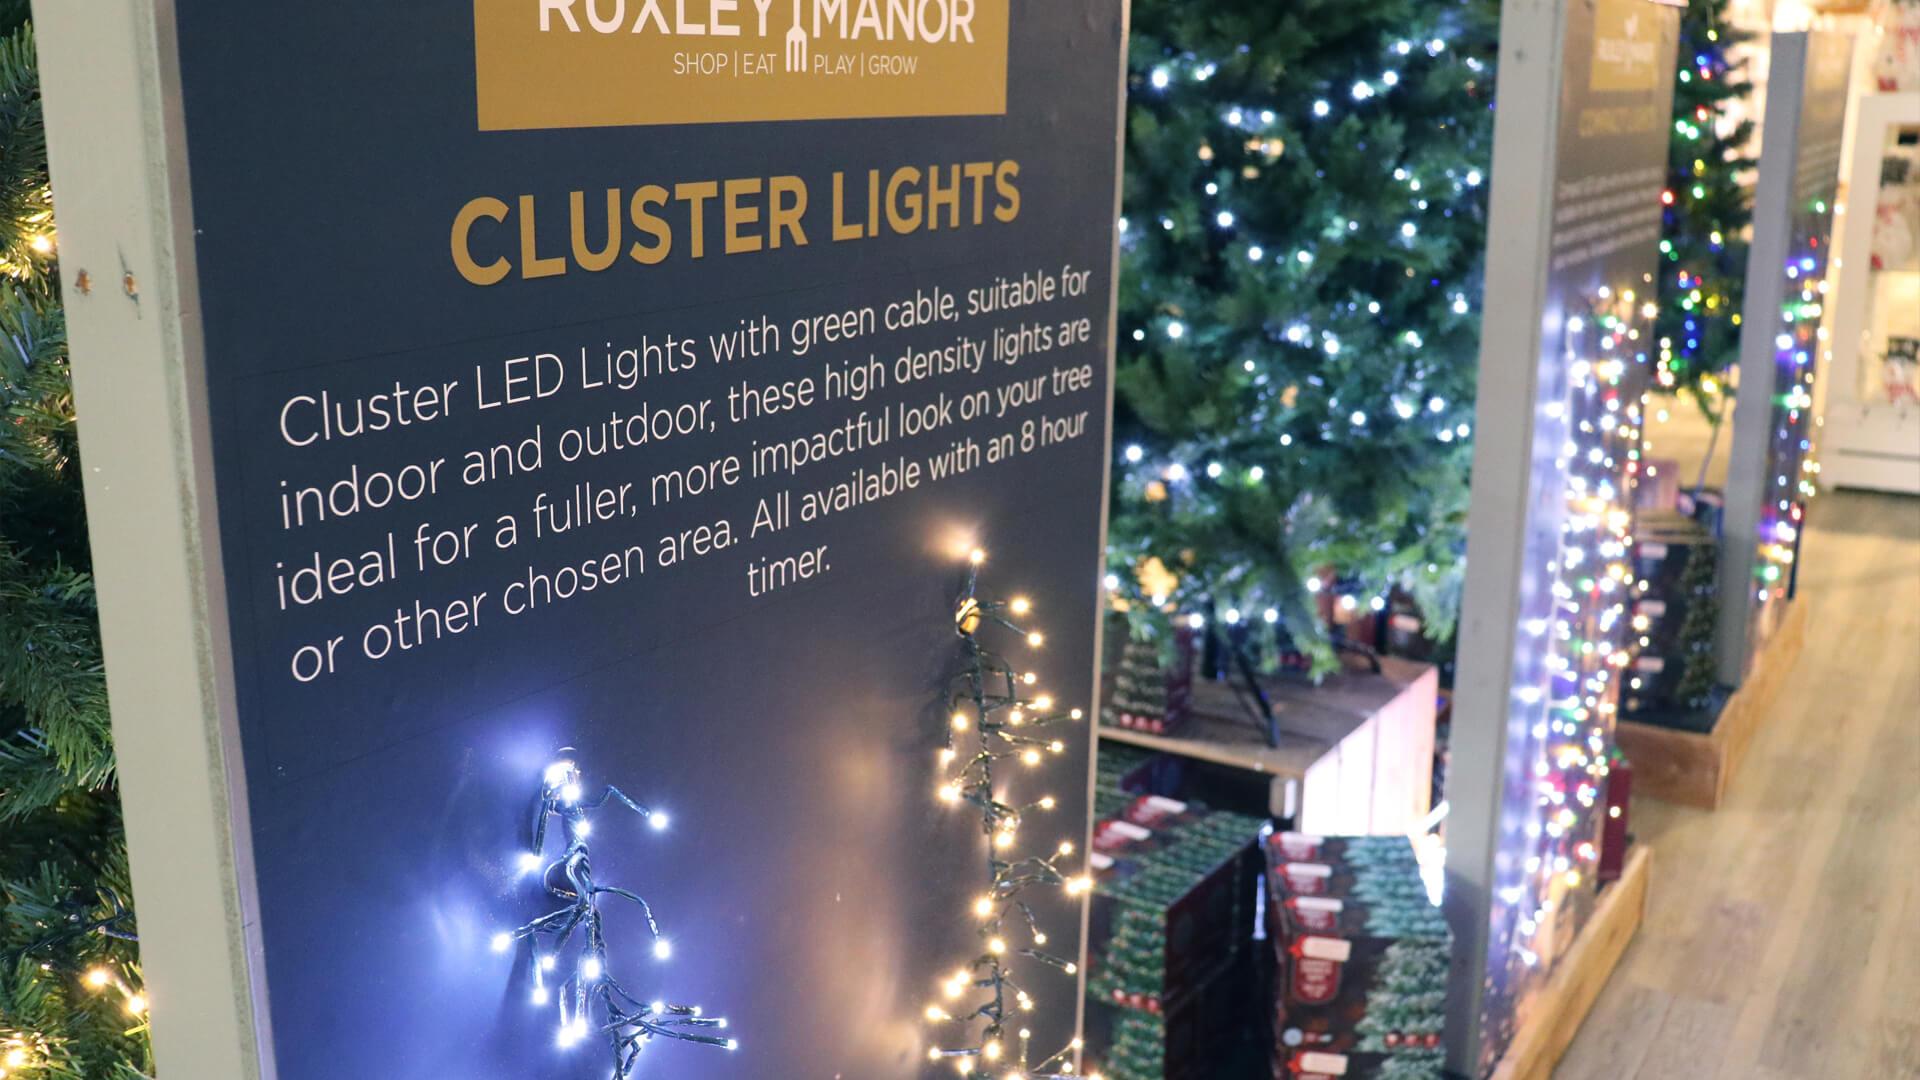 Christmas Lights at Ruxley Manor